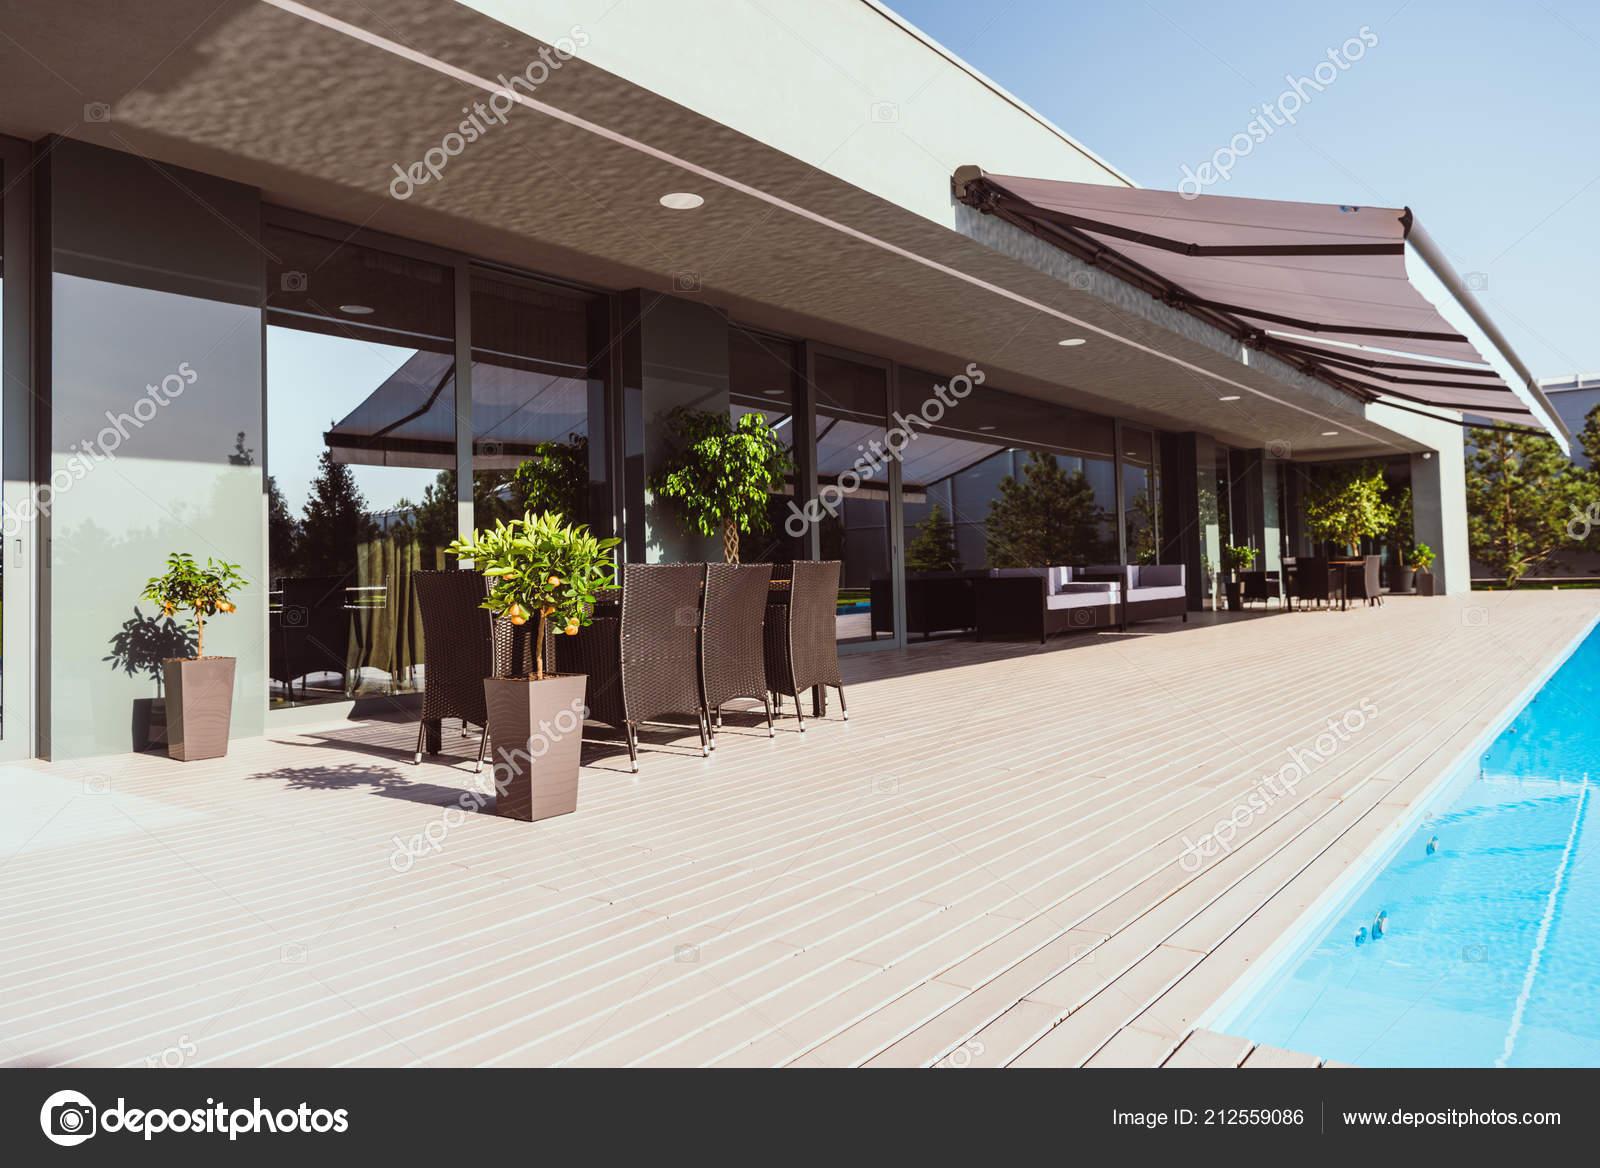 Piscina porche casa campo moderna con rboles sillas mesas for Casas de campo modernas con piscina